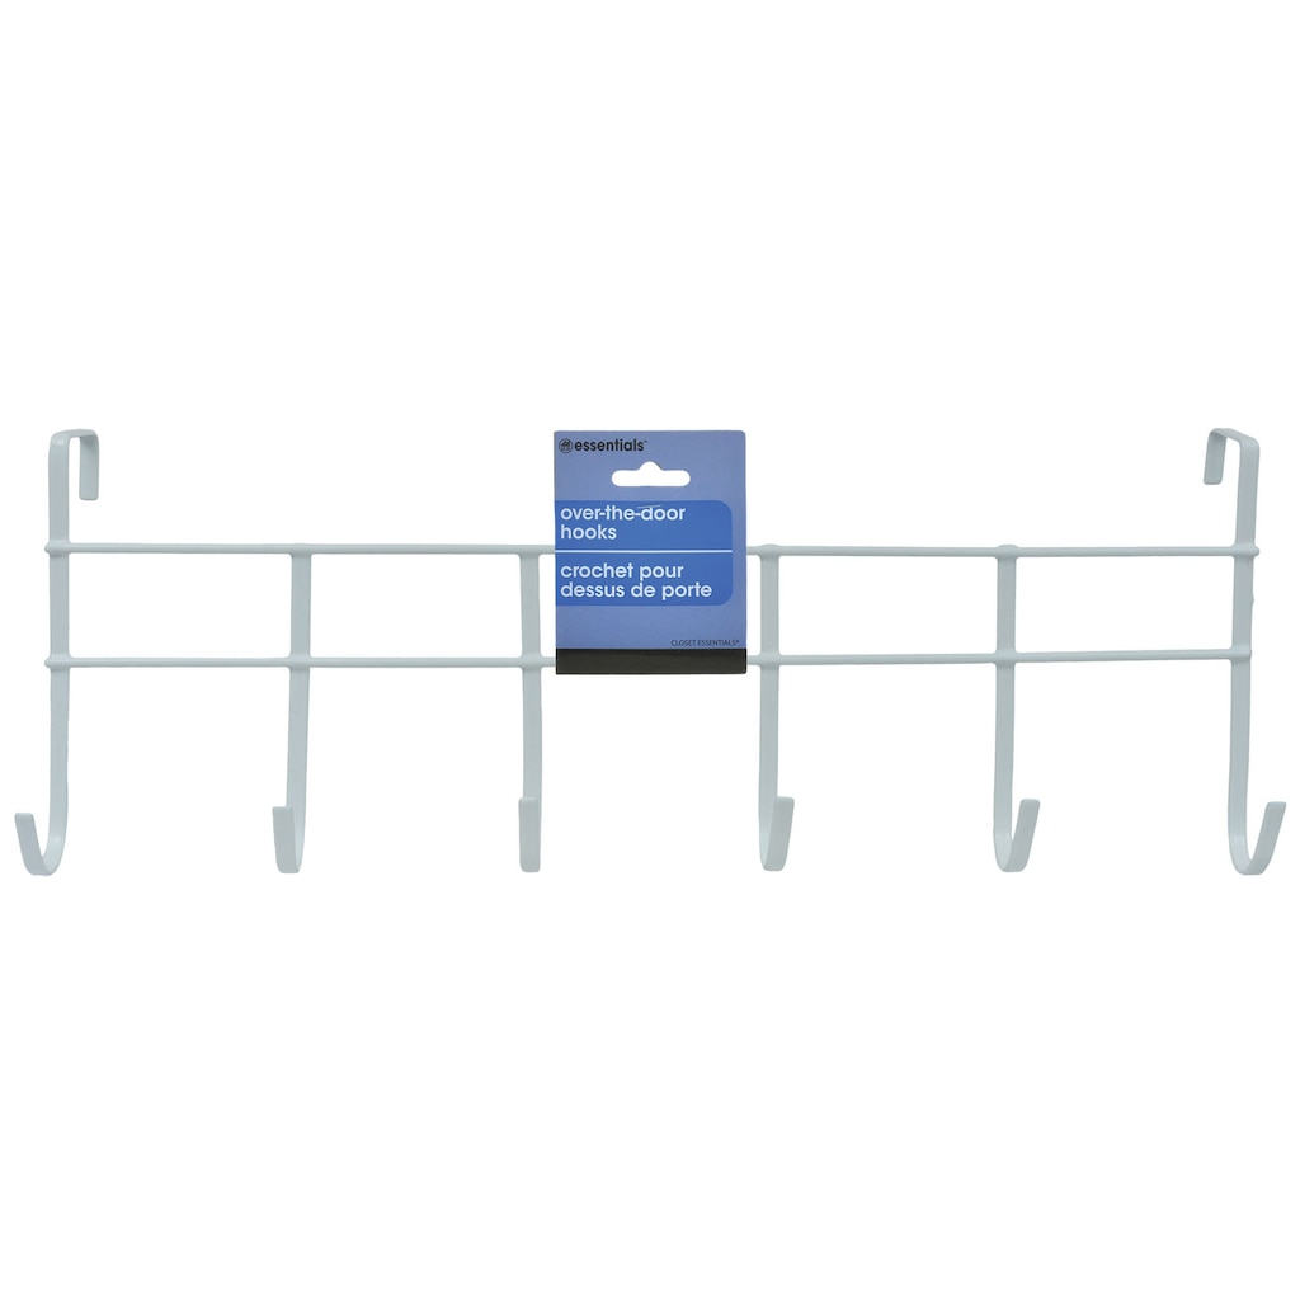 Essentials 6-Hook White Over-the-Door Metal Racks